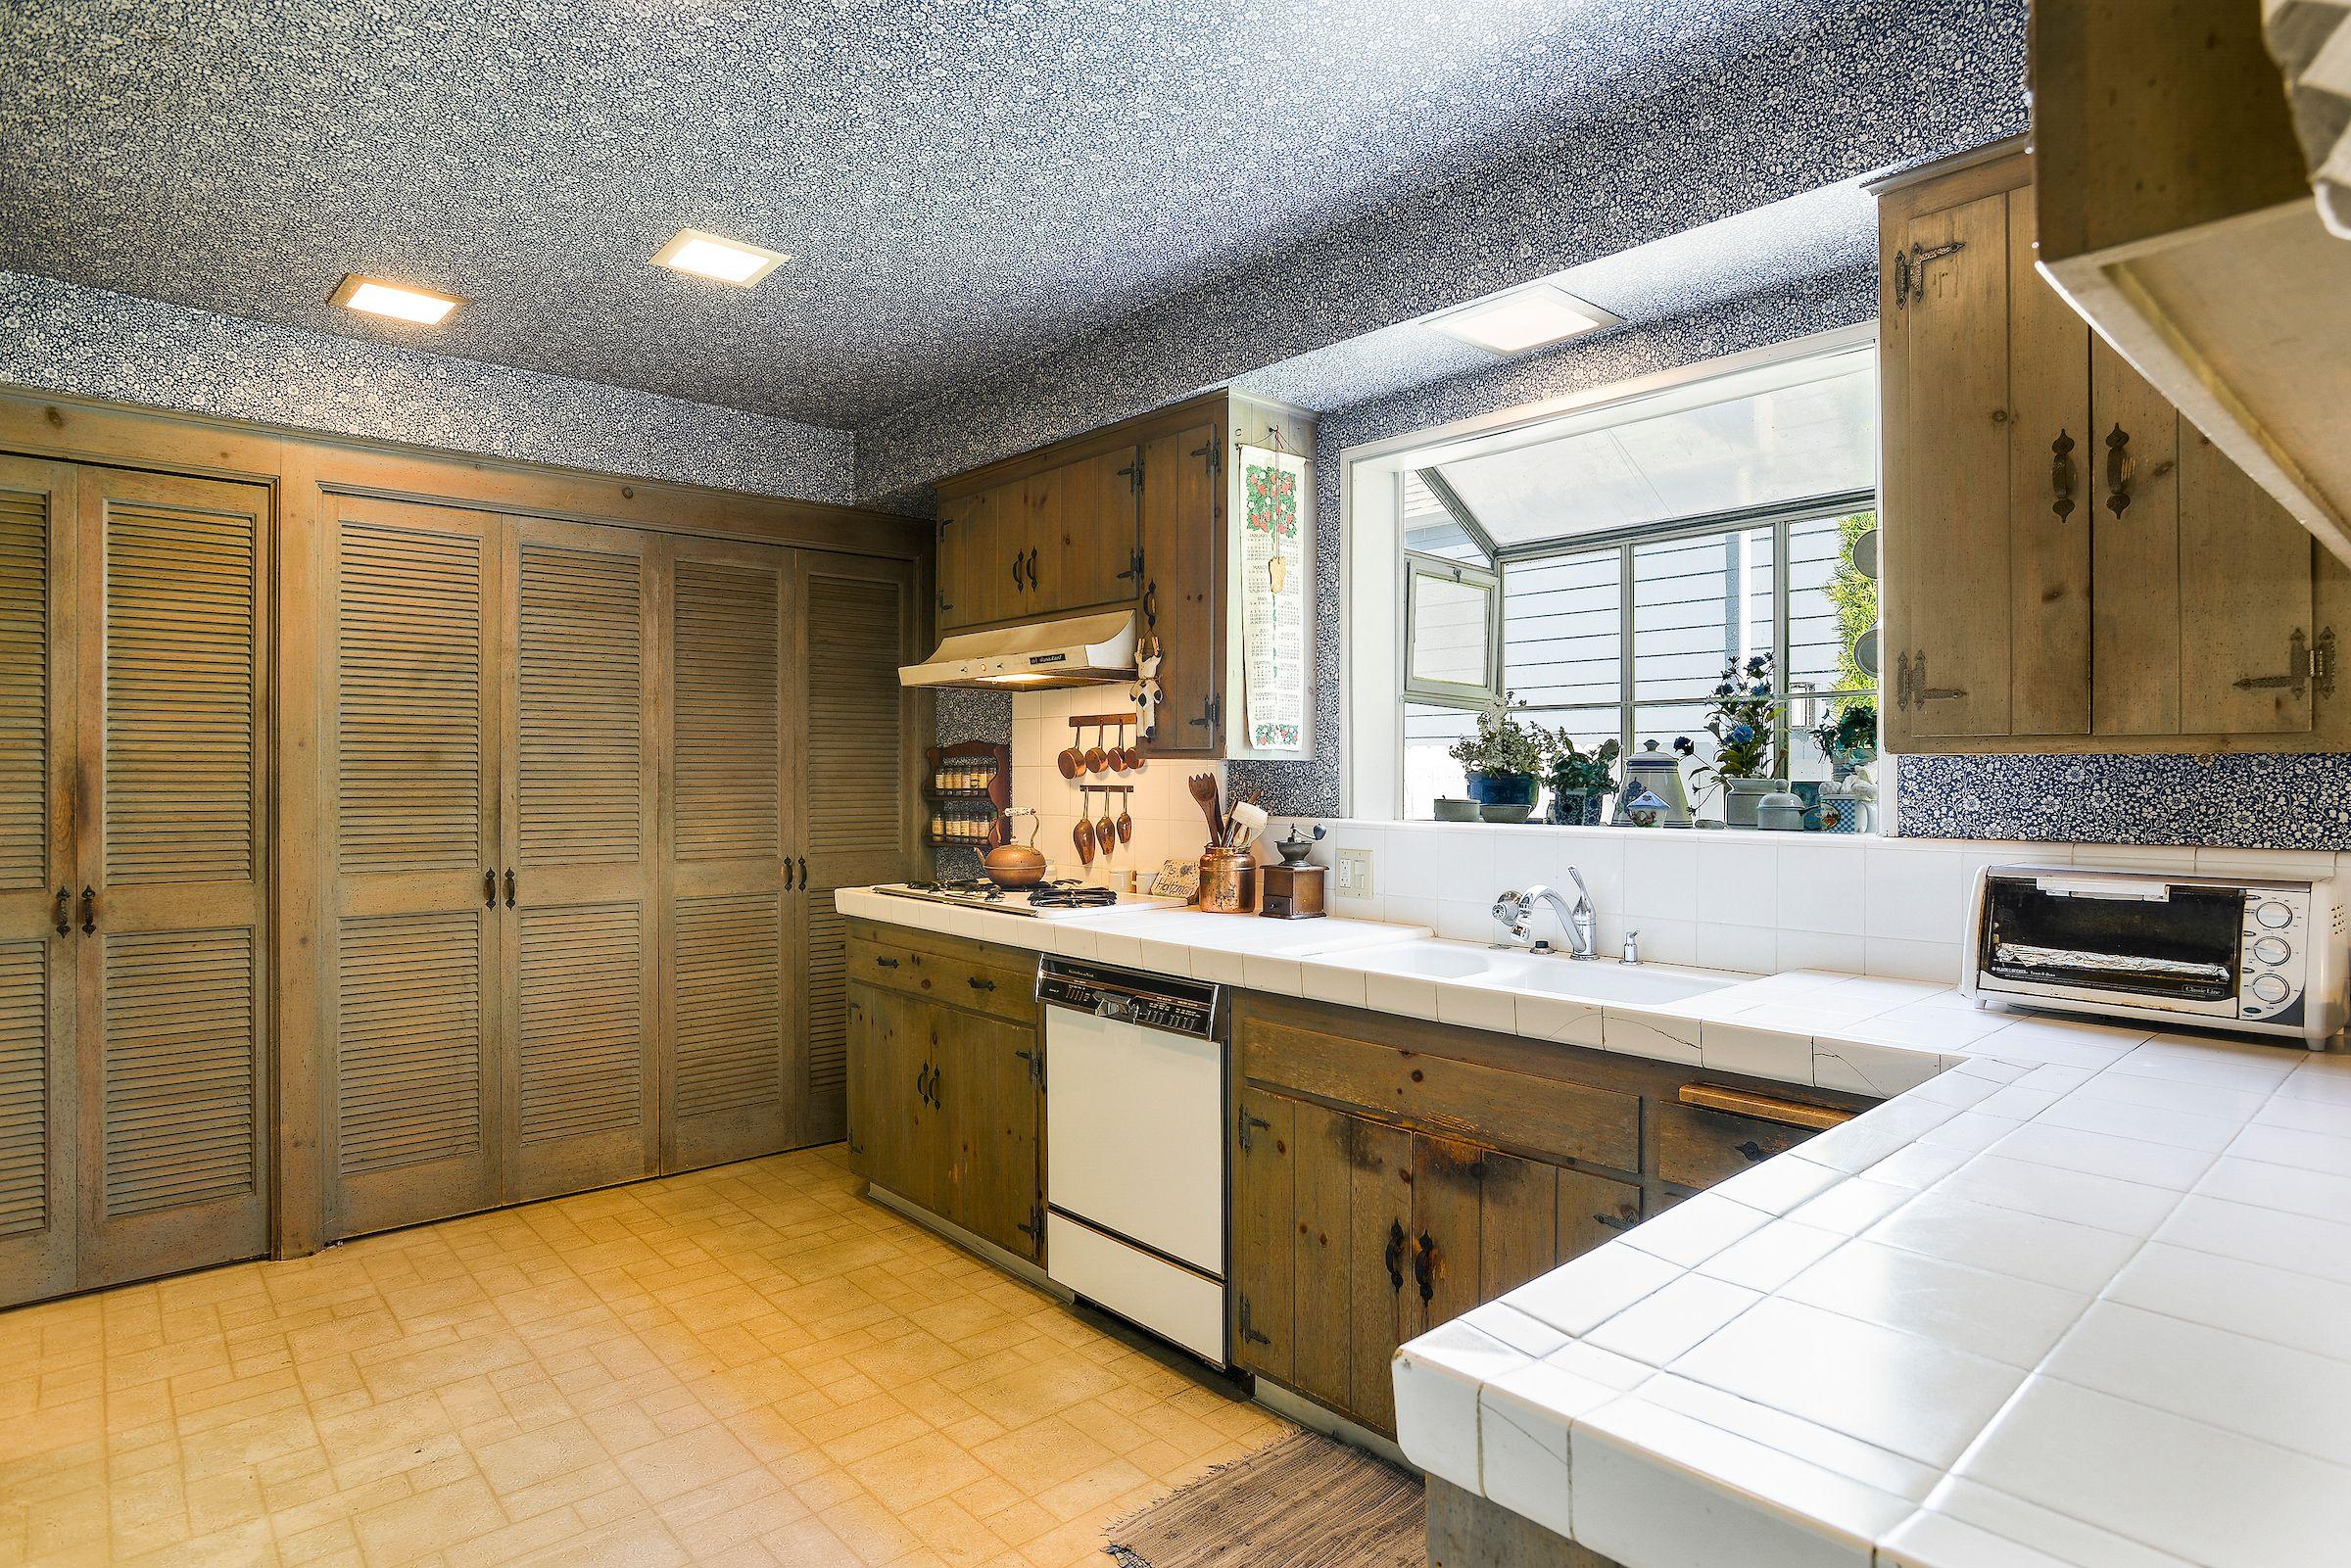 3142 Barry Ave Los Angeles Ca 90066 Playa Vista Home Decor Los Angeles